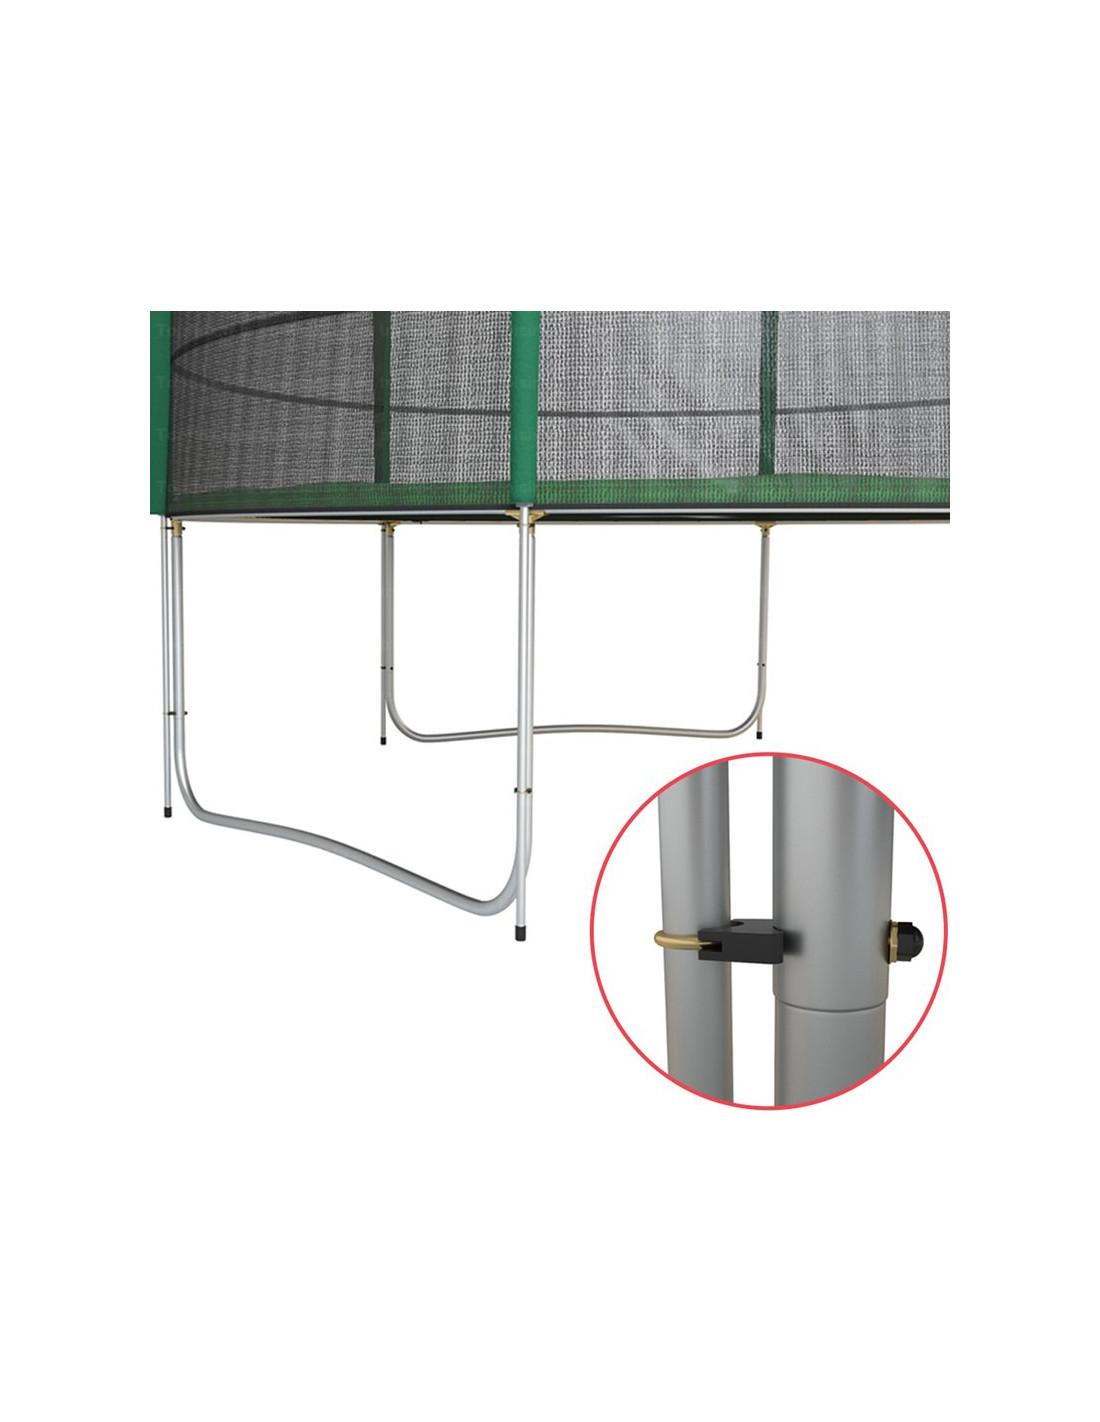 trampoline 430 cm pas cher trampoline de bonne qualit trampoline 4m30 pas cher topflex. Black Bedroom Furniture Sets. Home Design Ideas